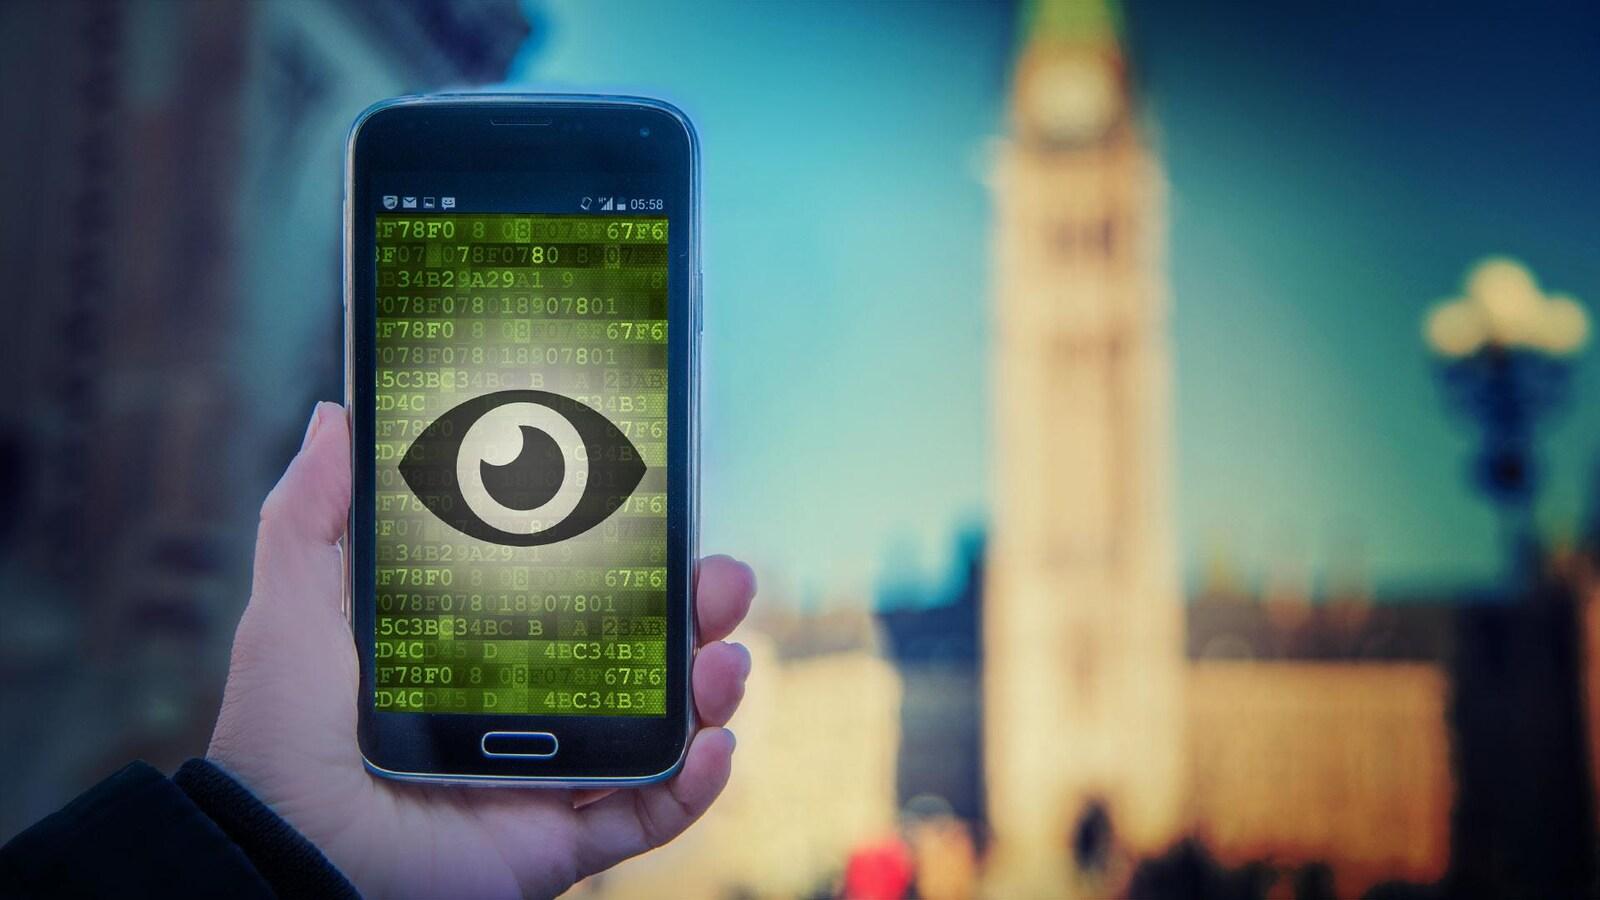 Les conversations téléphoniques du député fédéral, Matthew Dubé, avaient pu être interceptées et ses déplacements suivis à la trace, à partir de son seul numéro de téléphone mobile.